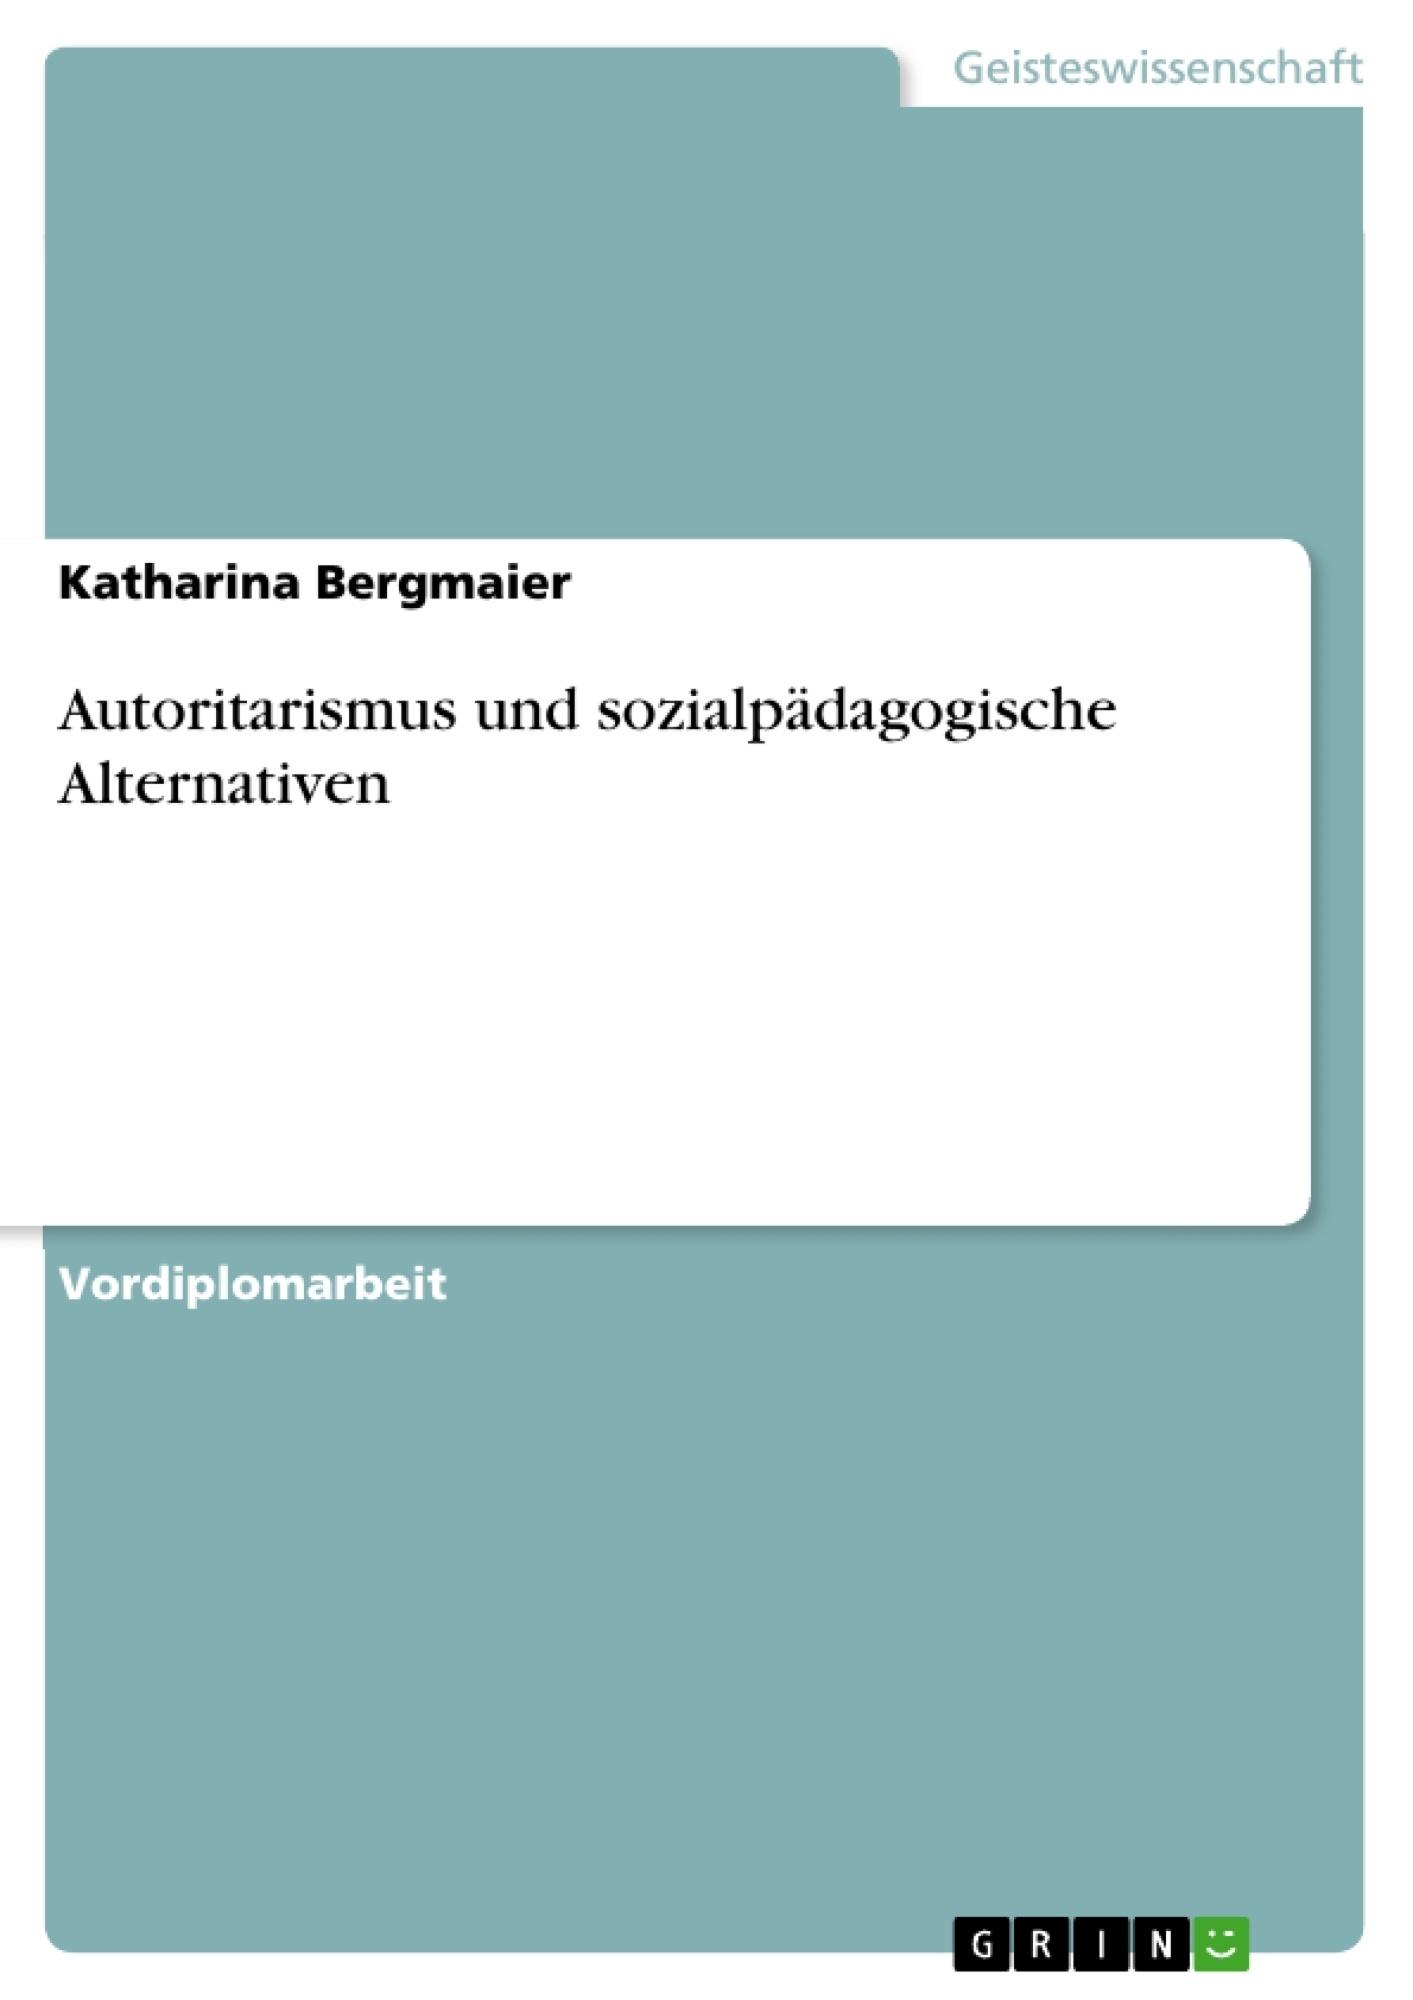 Titel: Autoritarismus und sozialpädagogische Alternativen